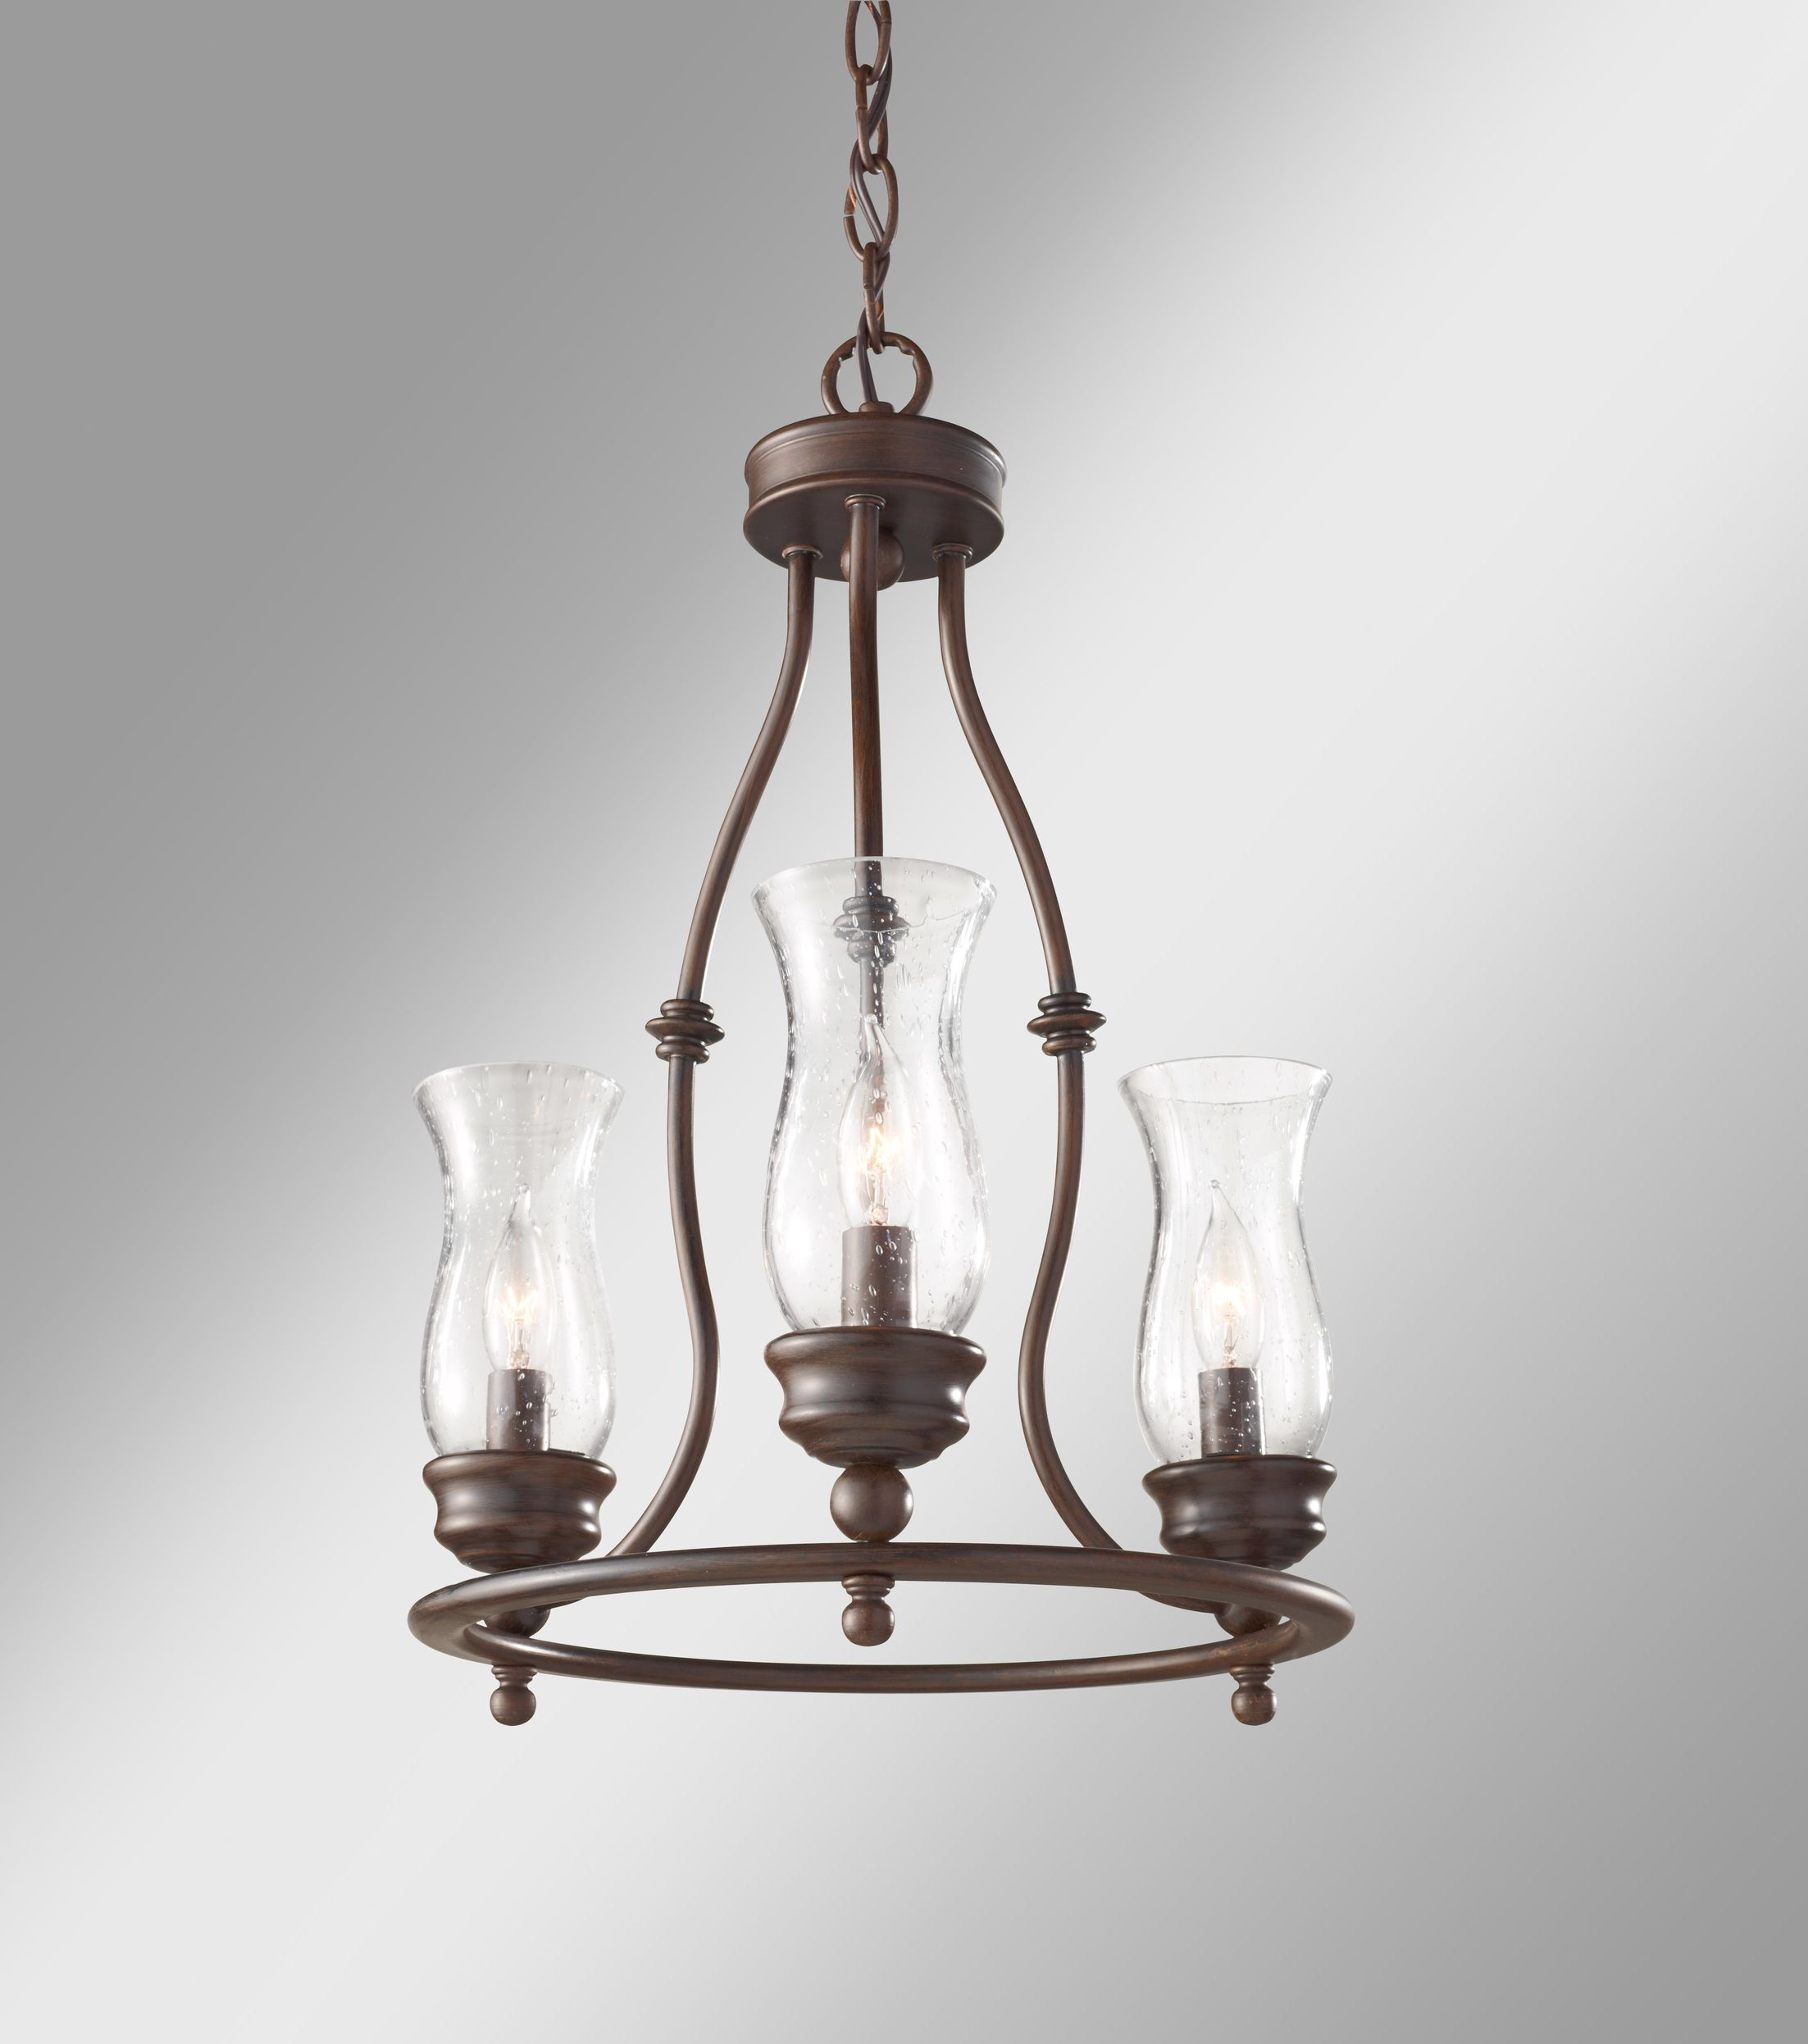 Pickering lane light chandelier for the home pinterest